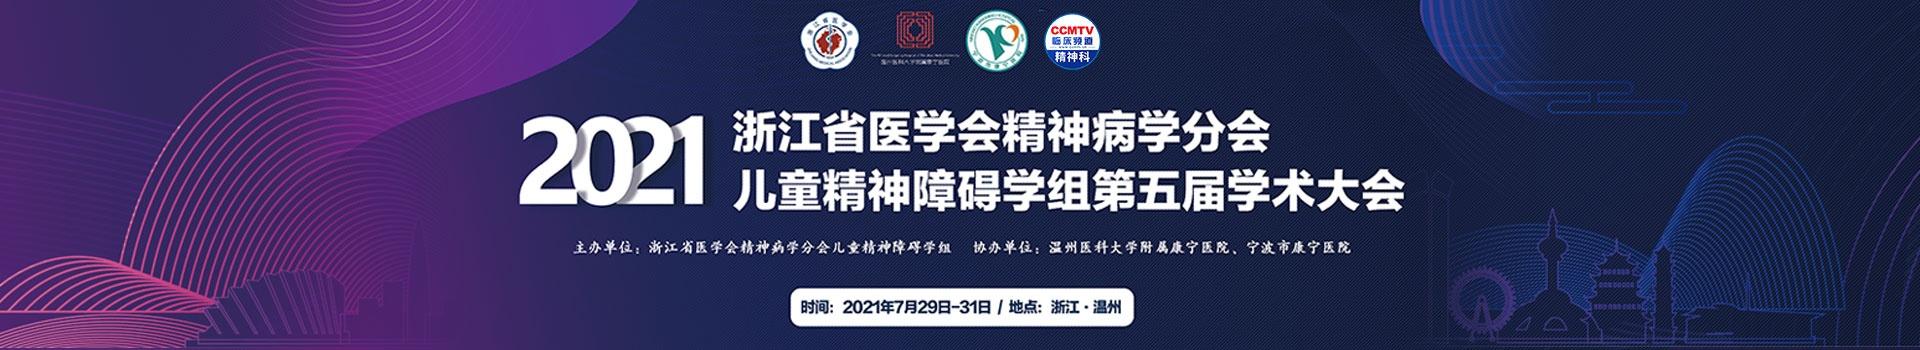 2021浙江省医学会精神医学分会年会